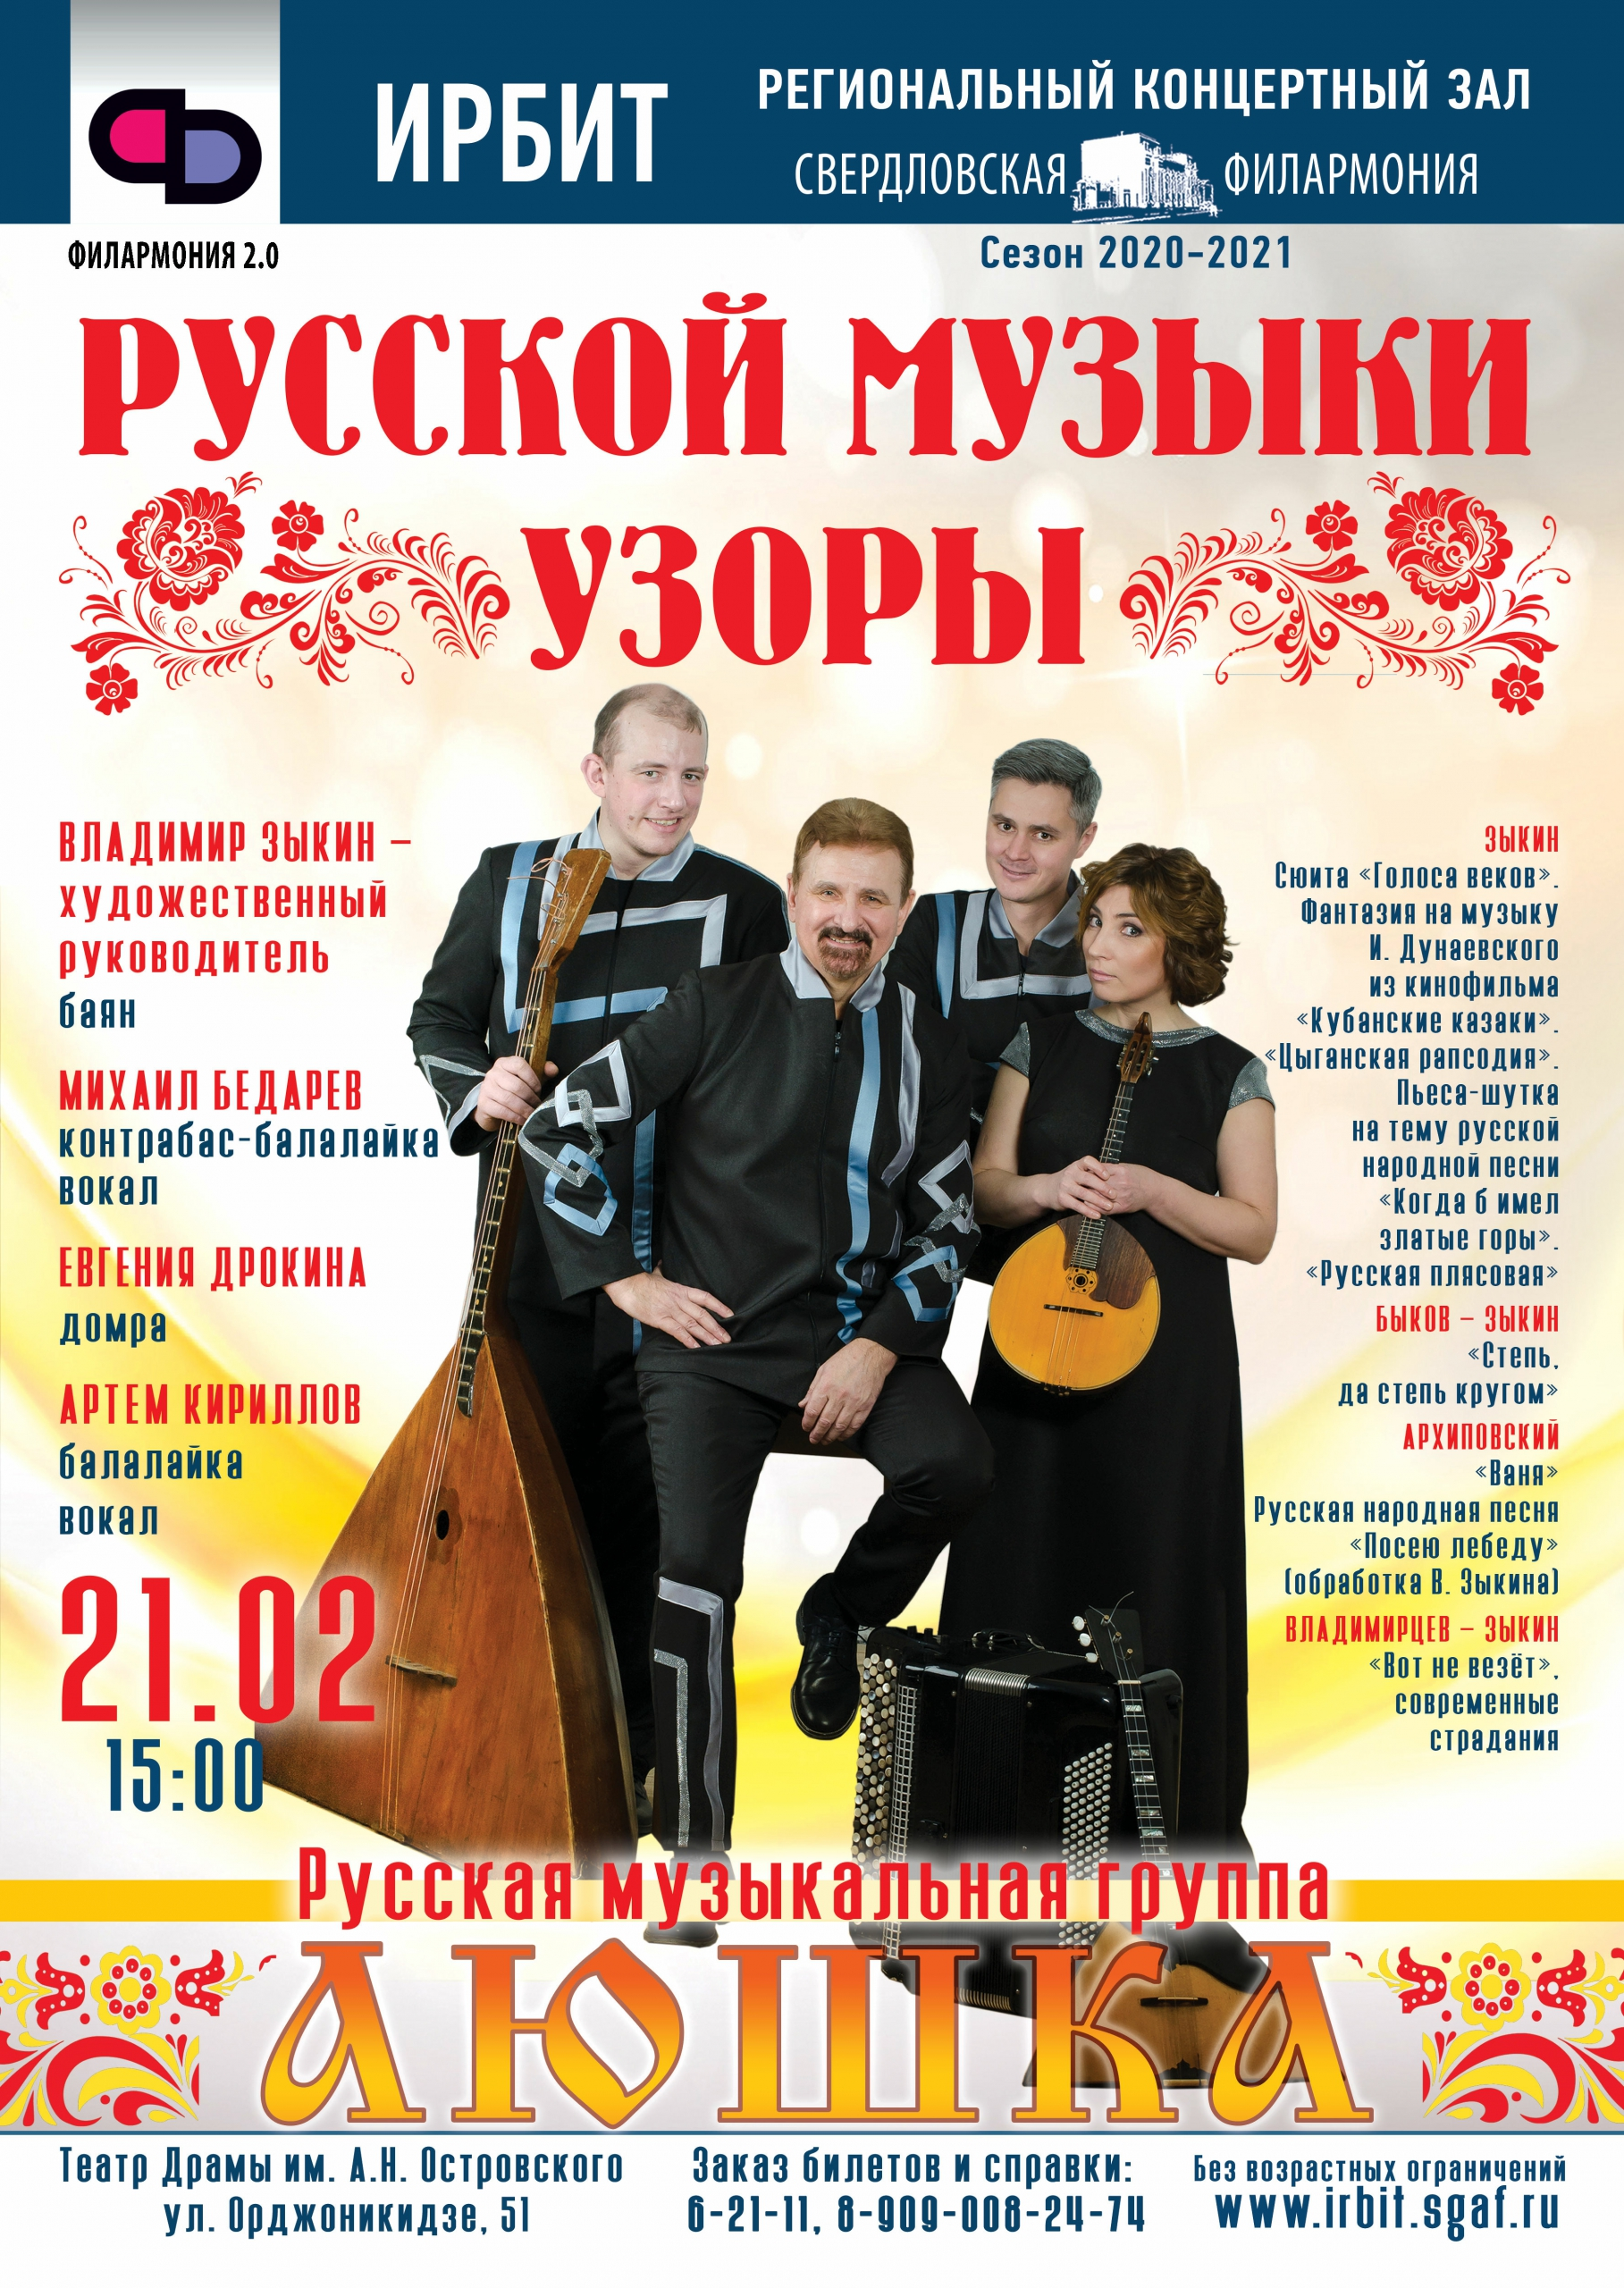 21 февраля, воскресенье, 15:00, Театр Драмы, Ирбит